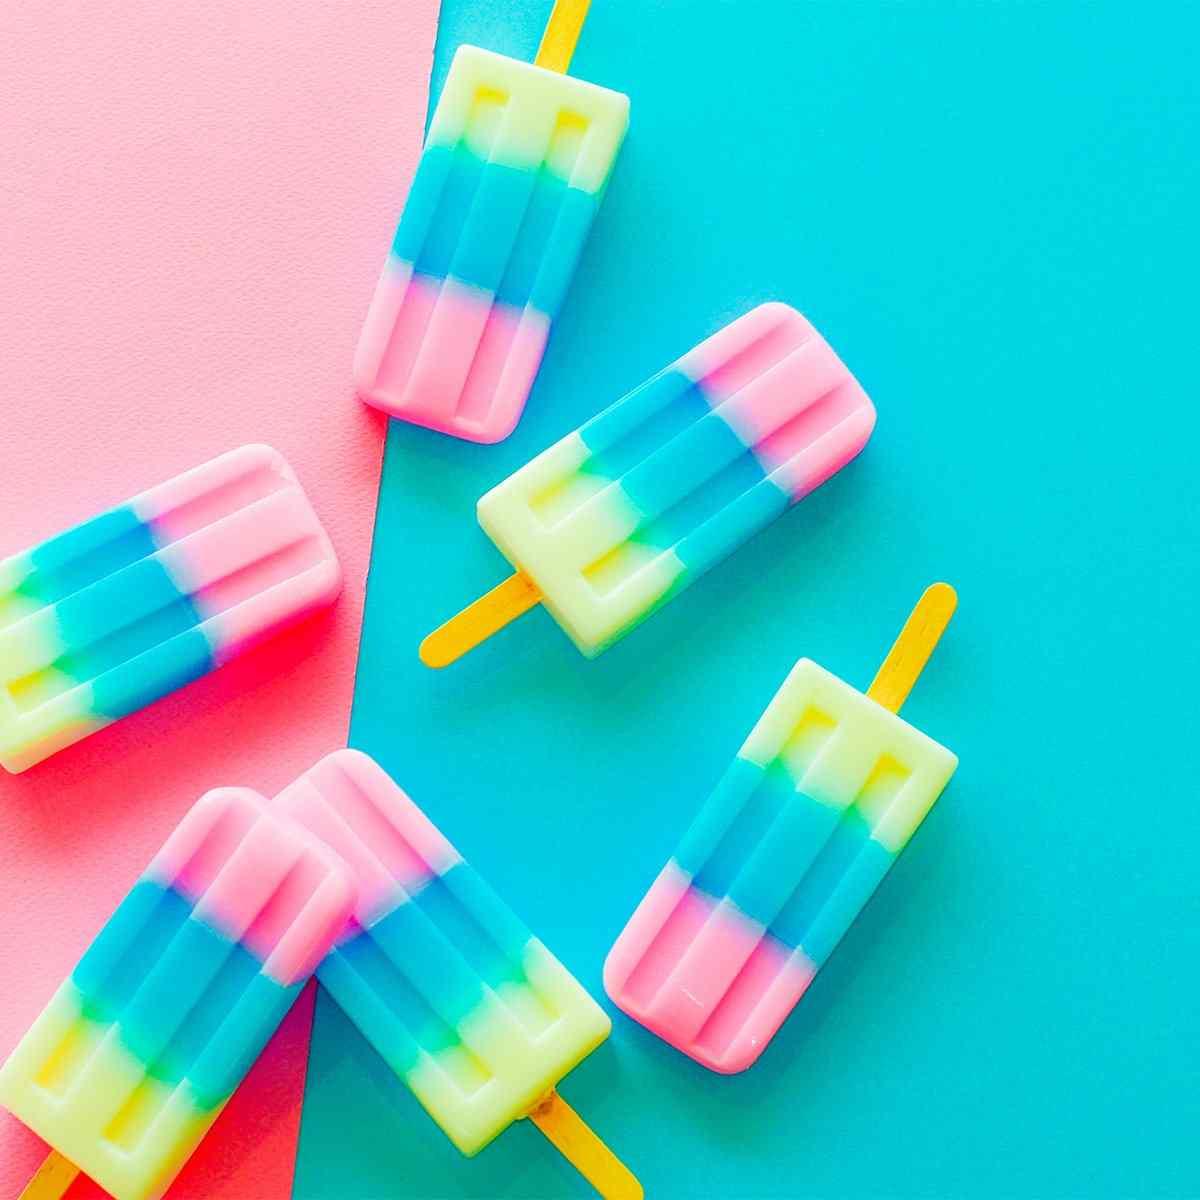 https://orbiyo.com/wp-content/uploads/2017/09/inner_ice_creams_01.jpg